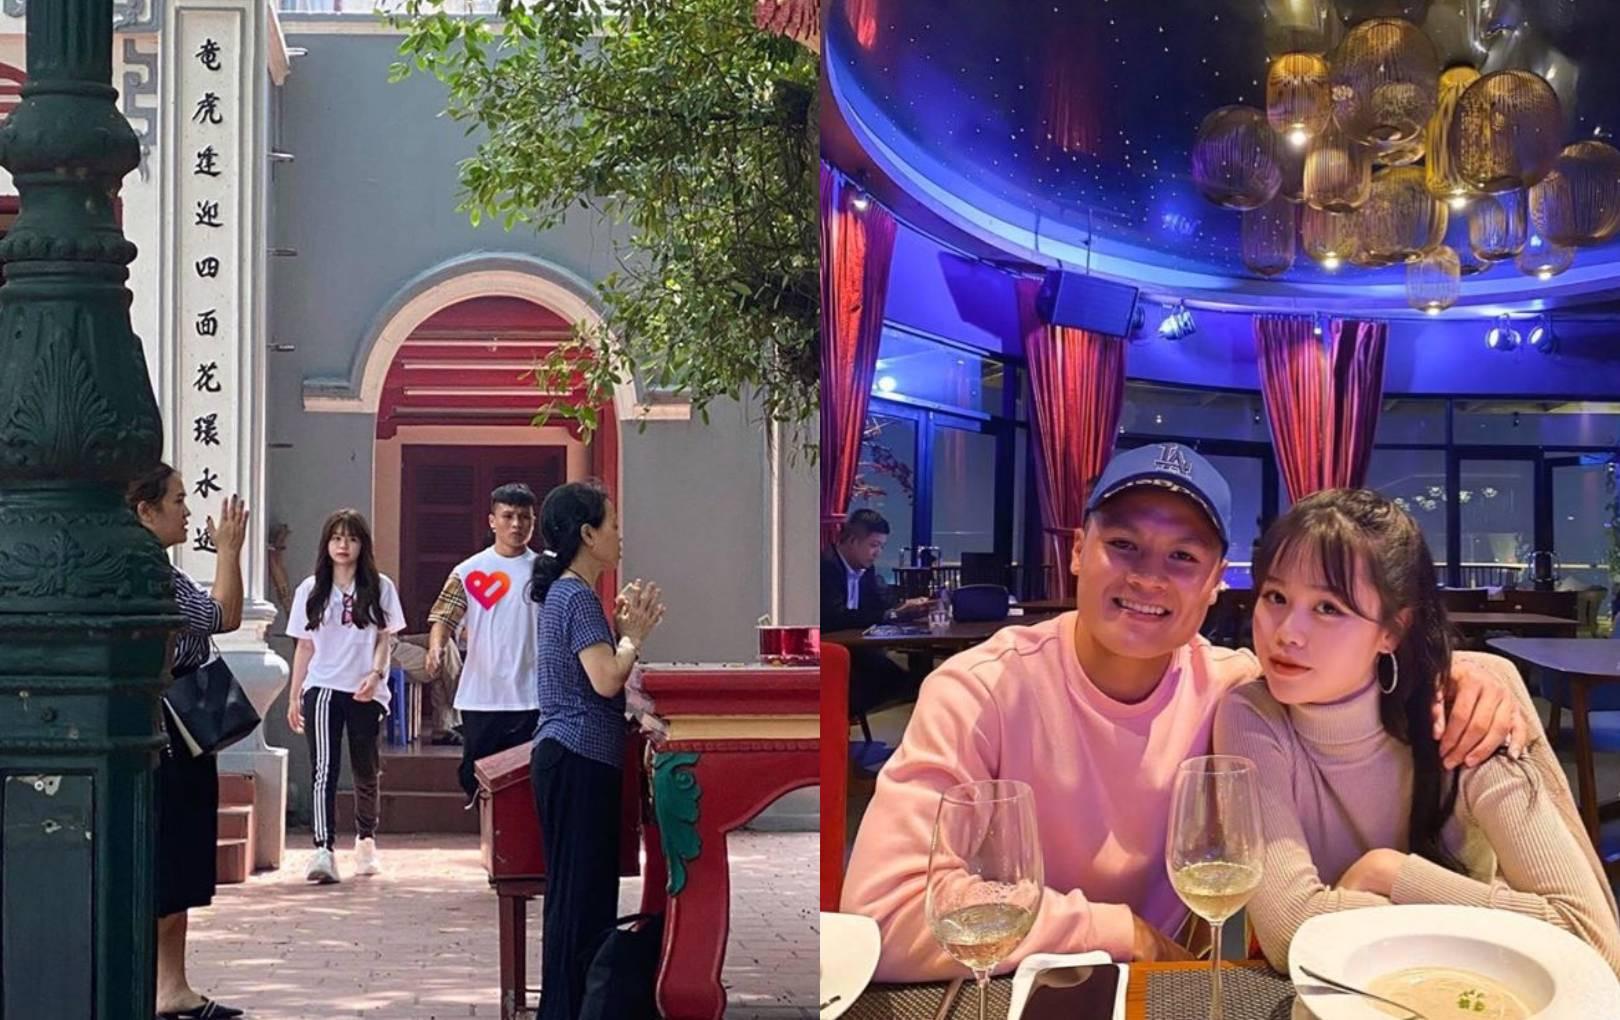 Quang Hải đi lễ cùng Huỳnh Anh, biểu cảm cả hai gây chú ý